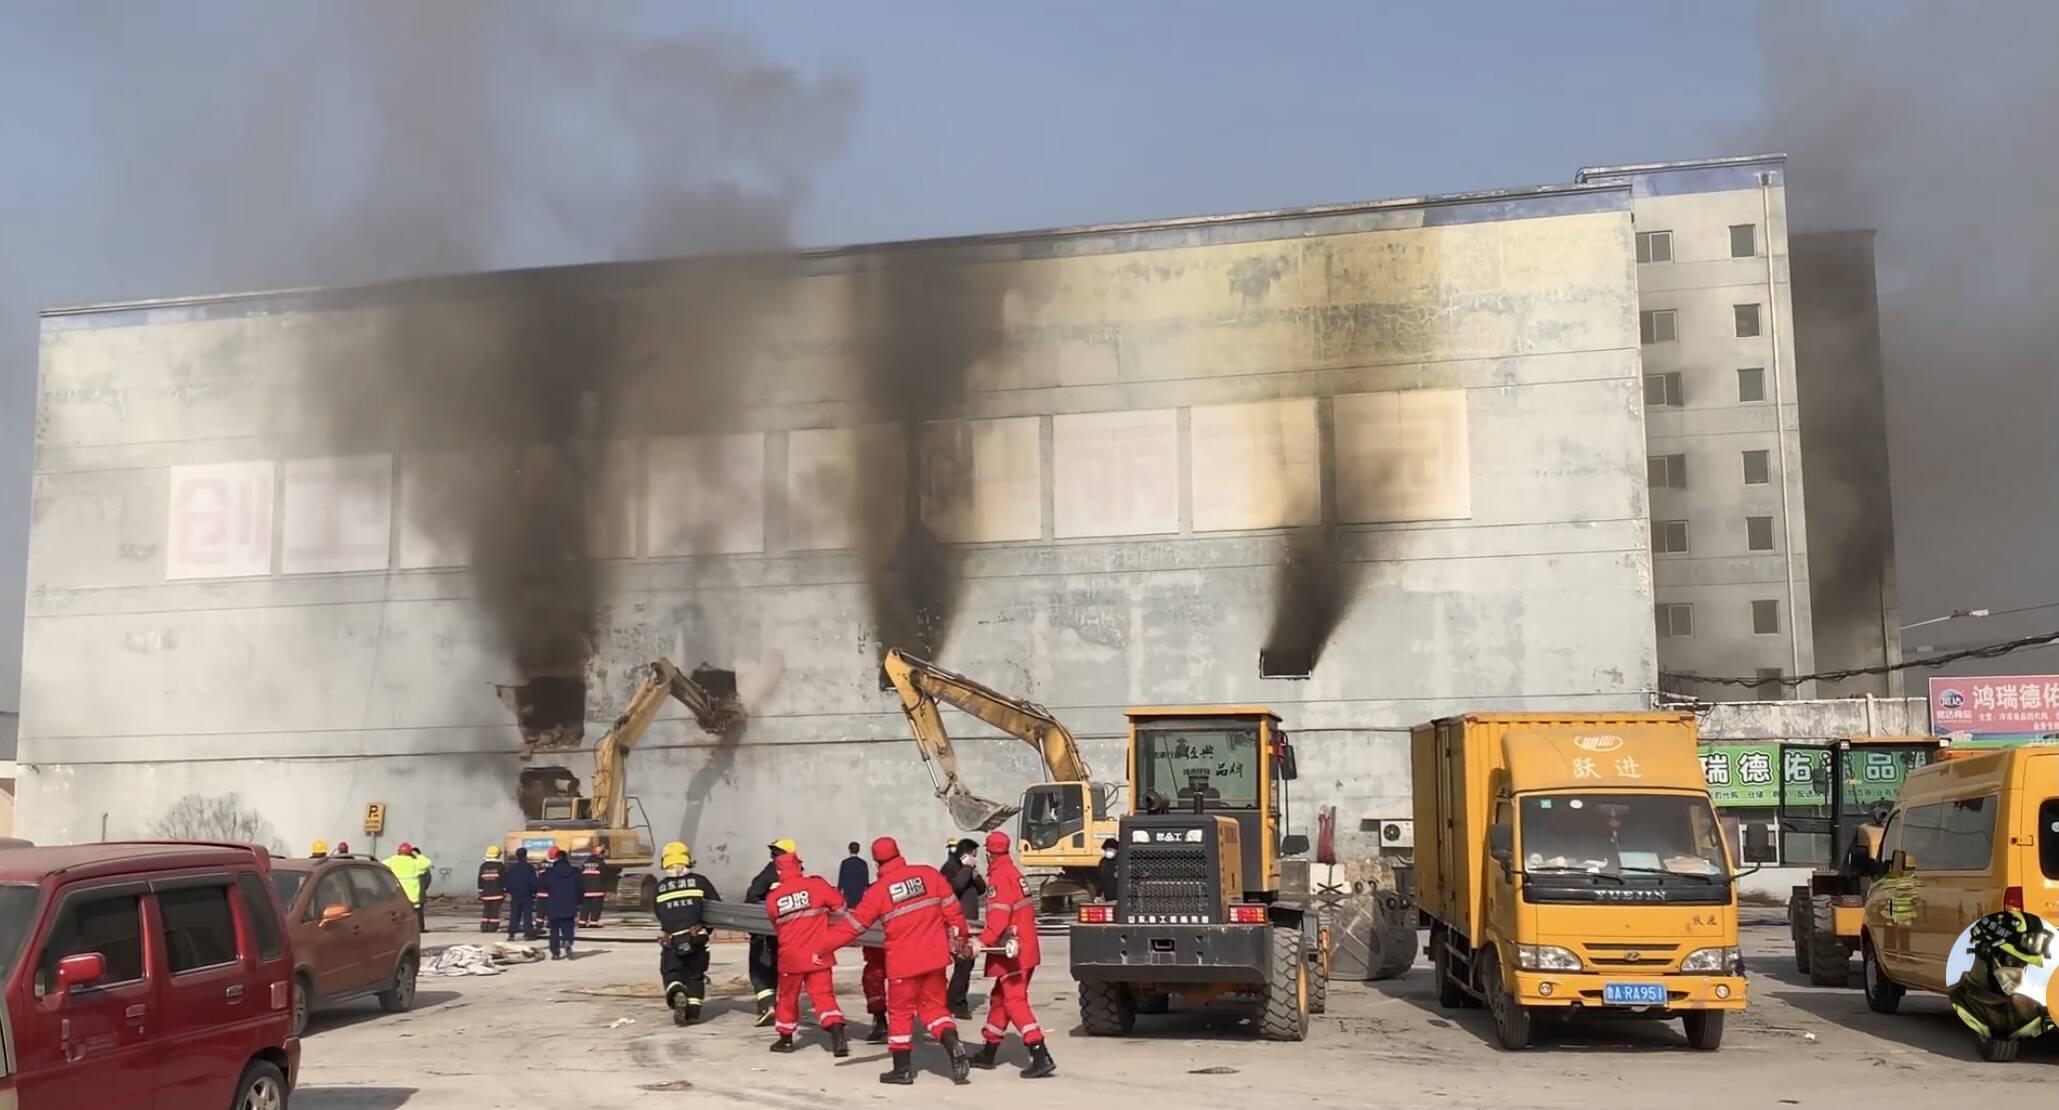 组图|济南一冷库突发火灾 消防人员破拆外墙排浓烟